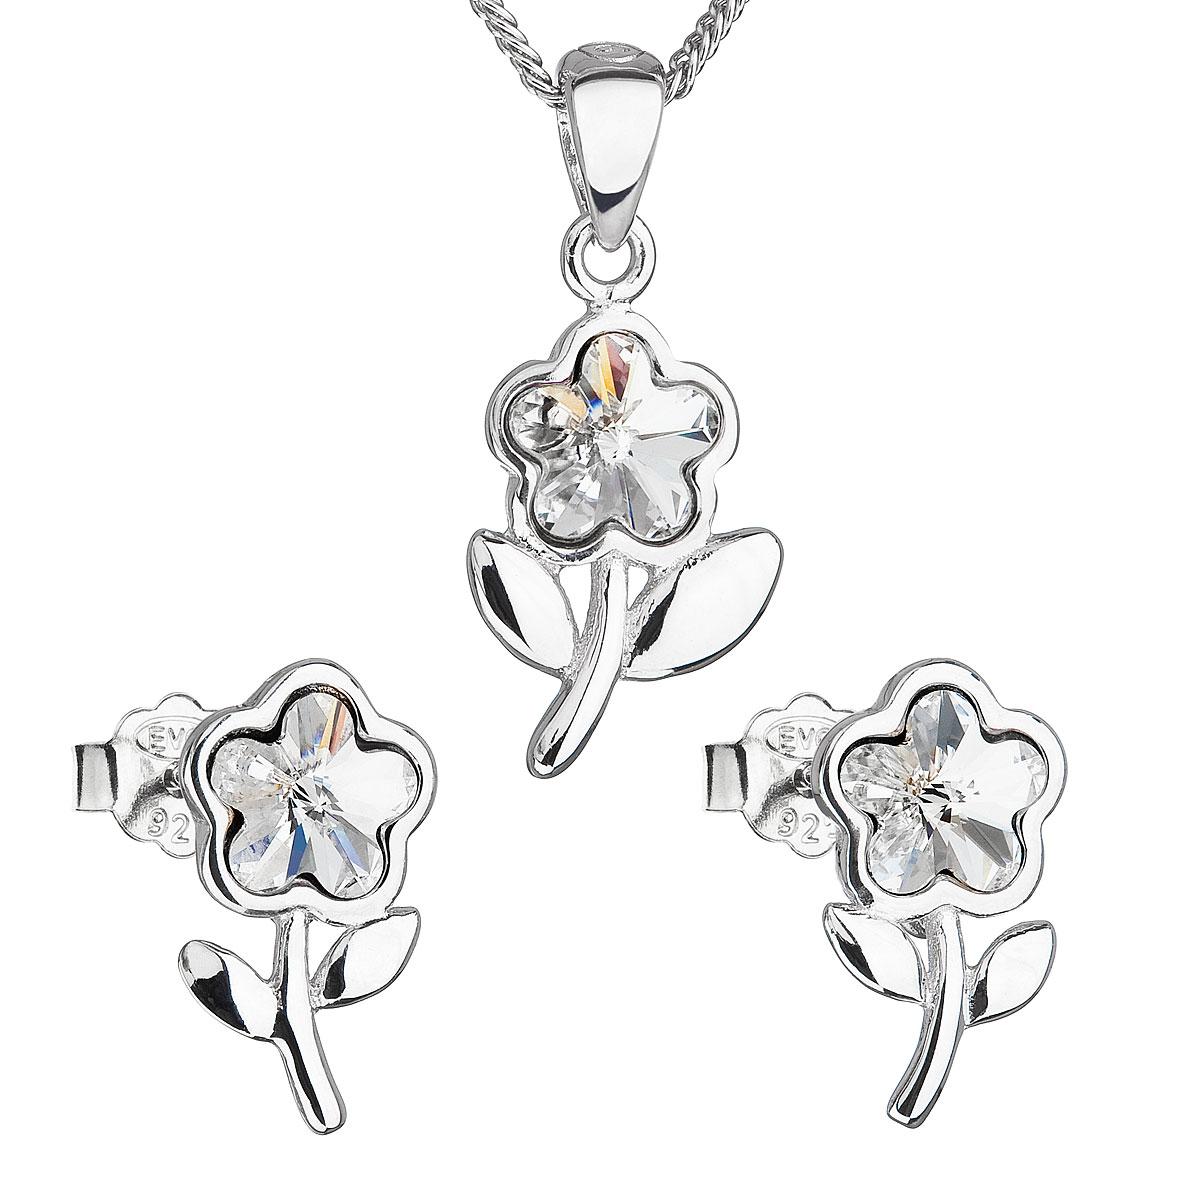 Sada šperků s krystaly Swarovski náušnice,řetízek a přívěsek bílá kytička 39172.1